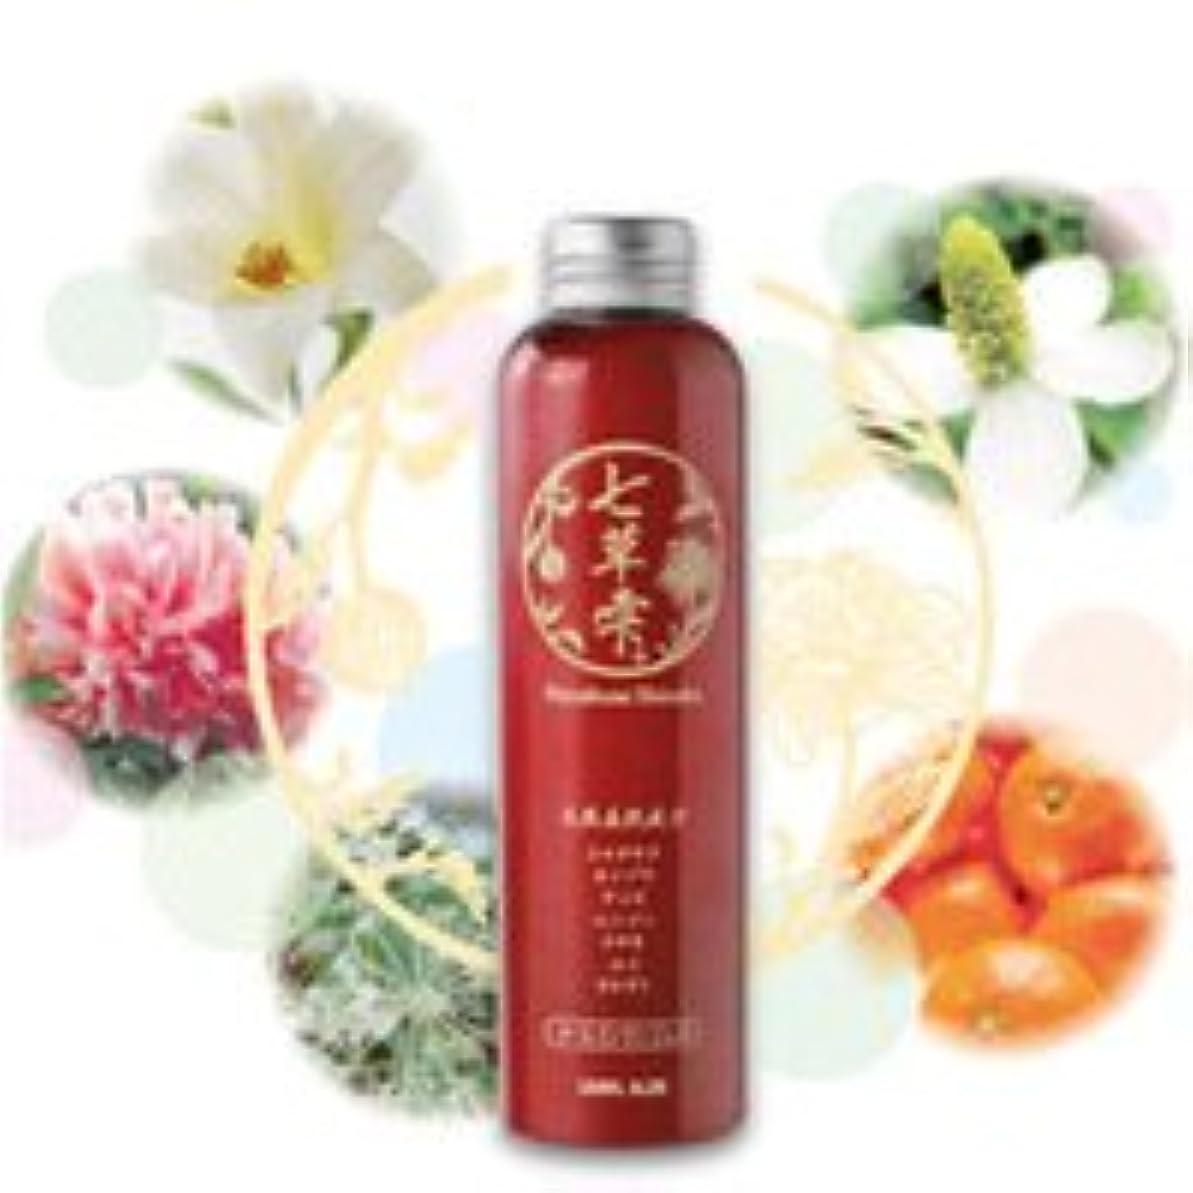 積分販売員進化する七草雫 化粧水 さっぱりタイプ 200ml / フタバ化学 リーブルアロエ